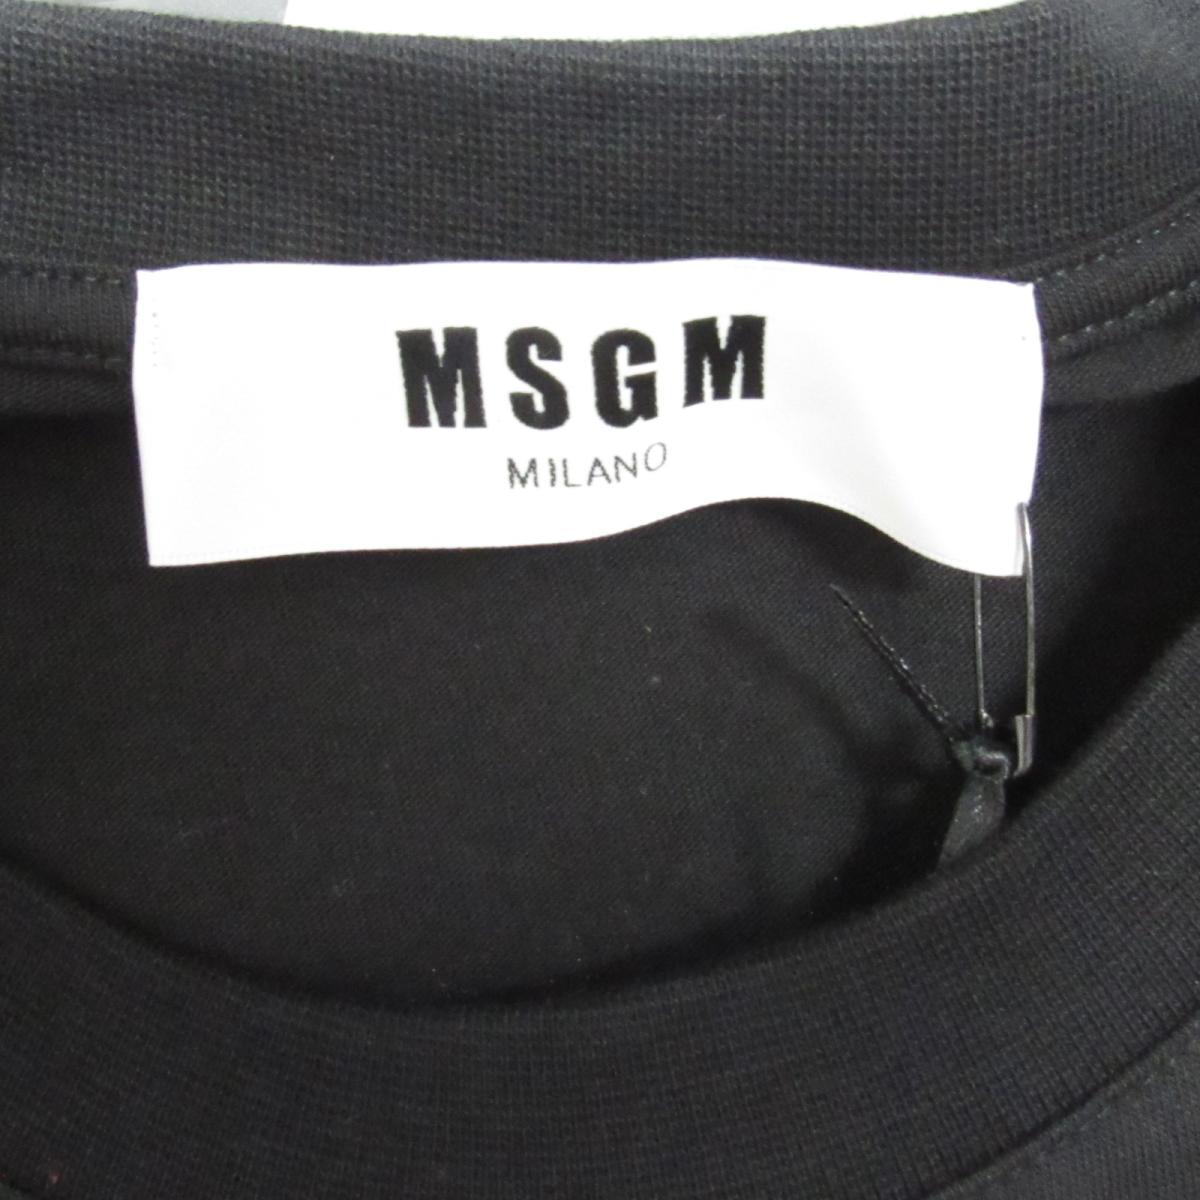 セレクション MSGM ビッグシルエット 半袖Tシャツ レディース コットン ブラック x ホワイトMDM17999SELECTION BRANDOFF ブランドオフ 衣料品 衣類 ブランド トップス Tシャツ シャツ カットソーtCshQrd